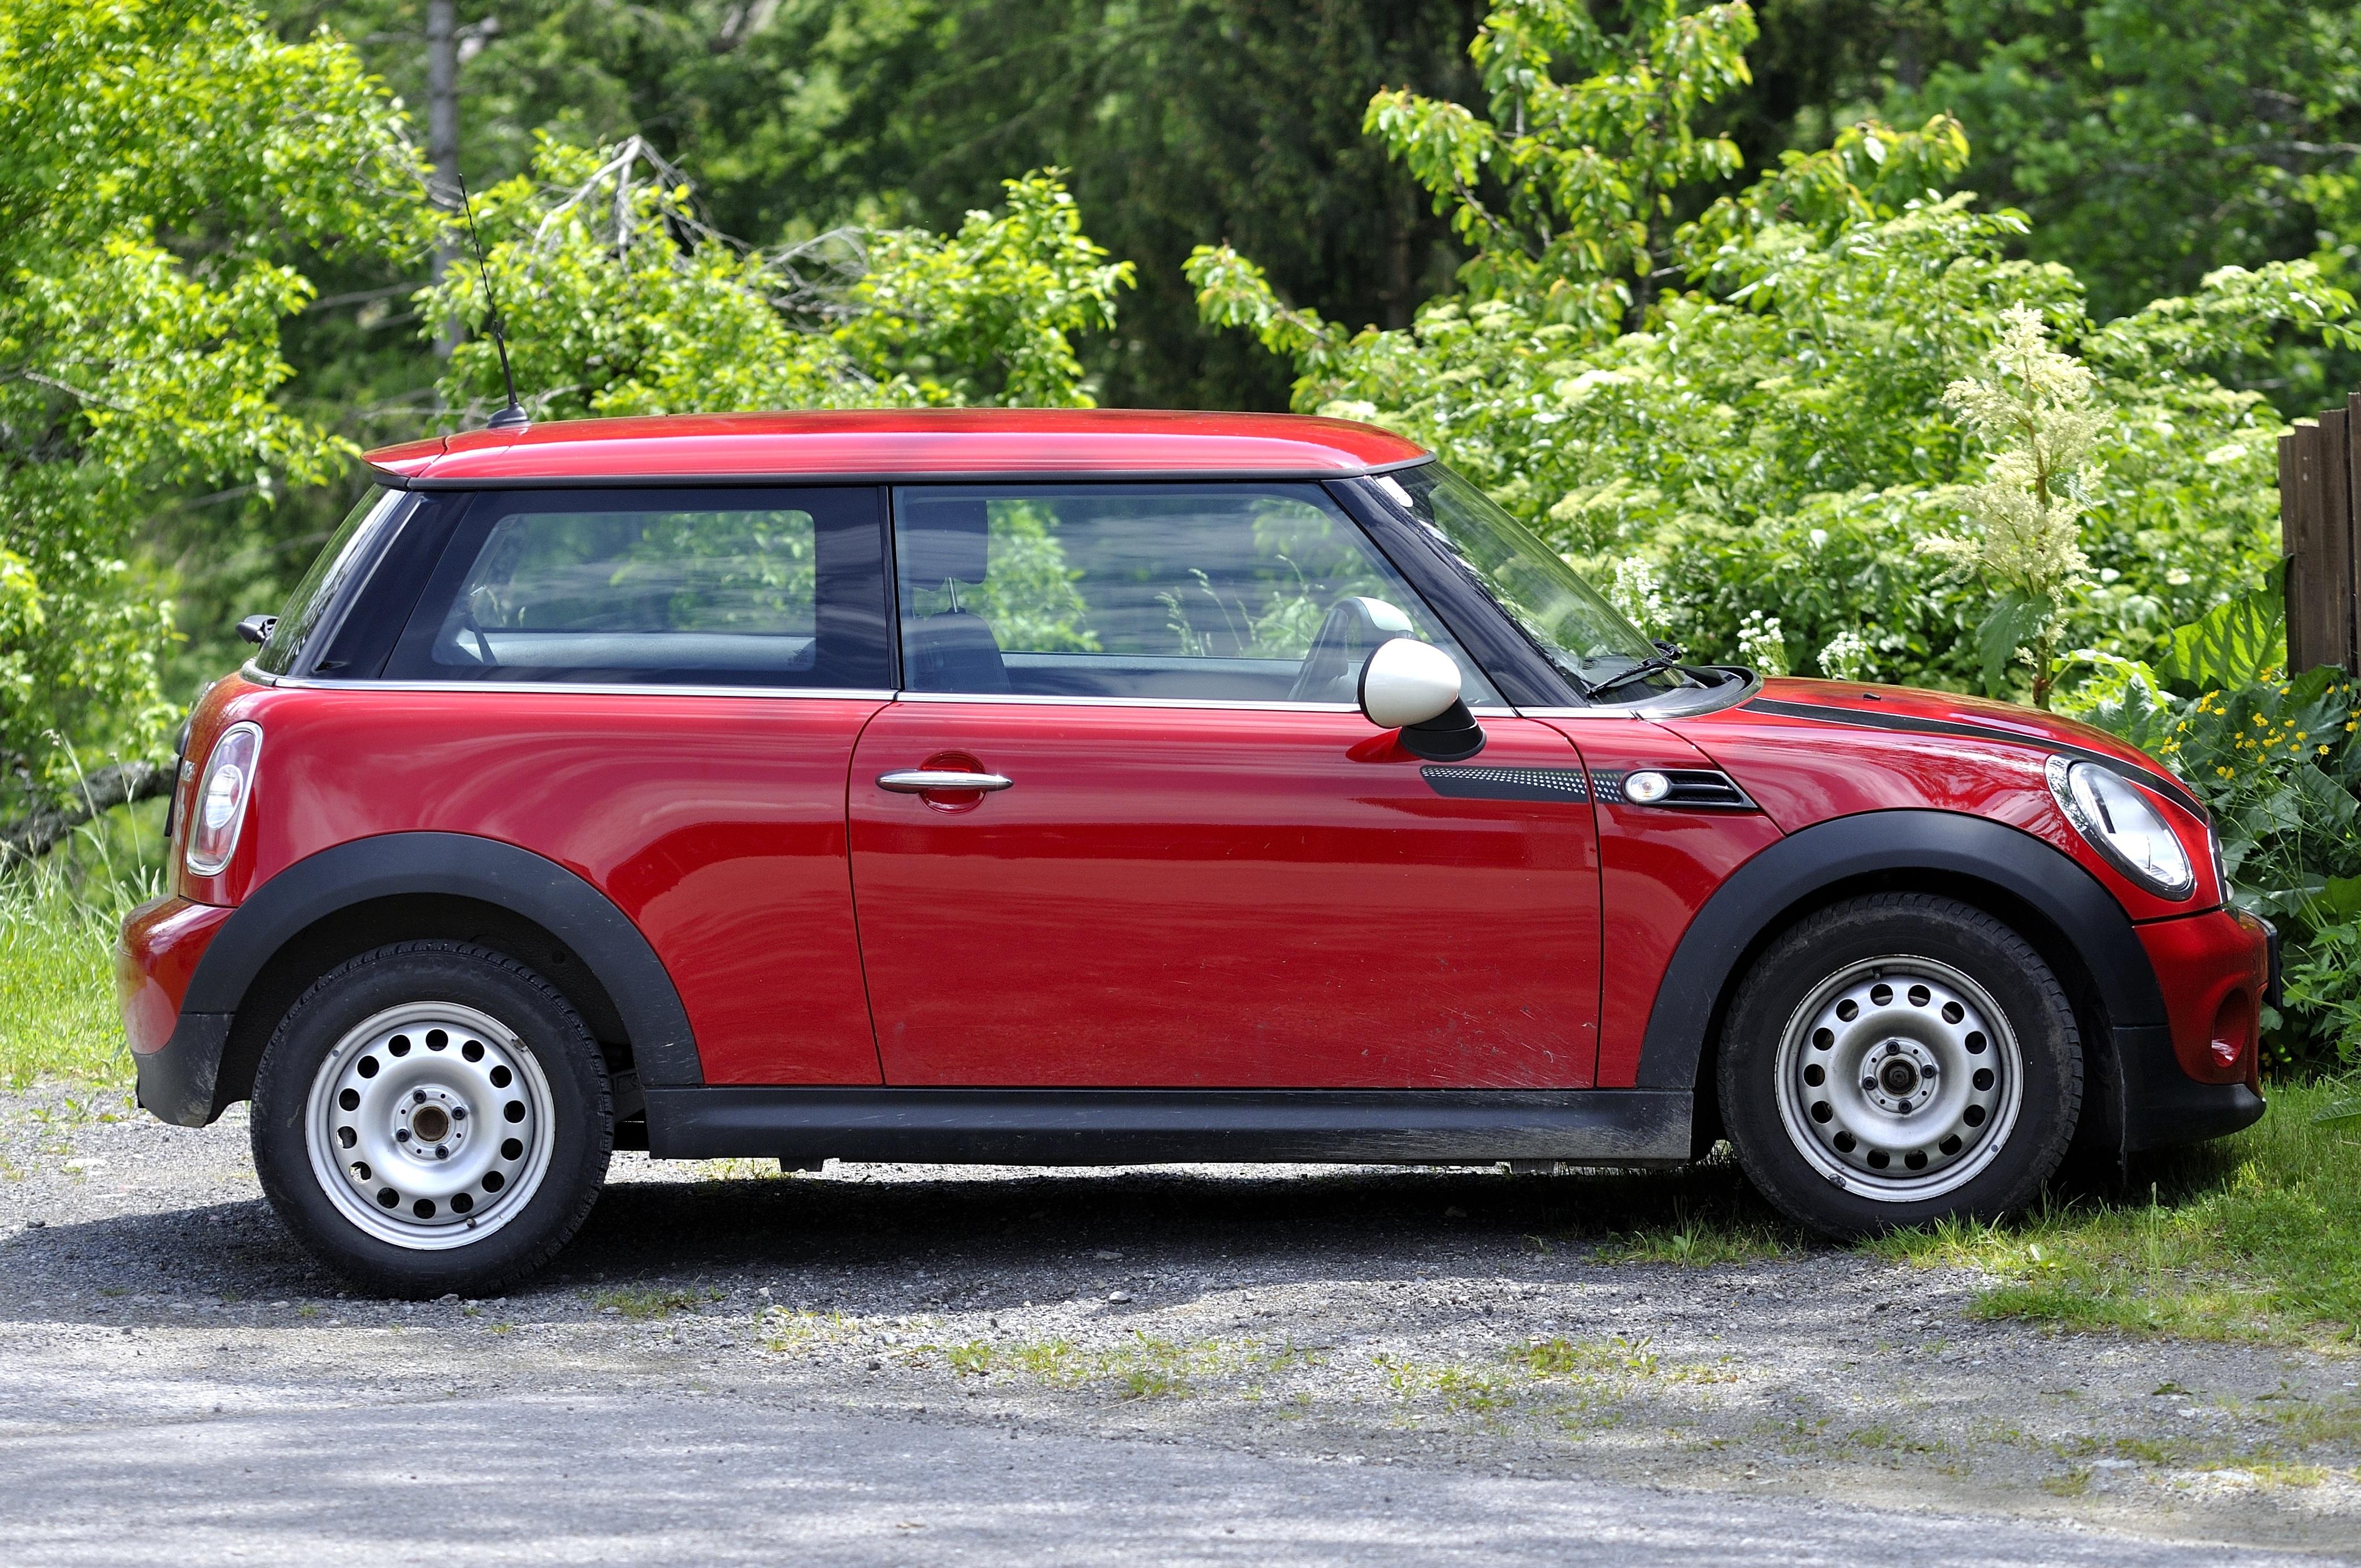 Images Gratuites Roue Rouge Véhicule Auto Mini Cooper Bmw